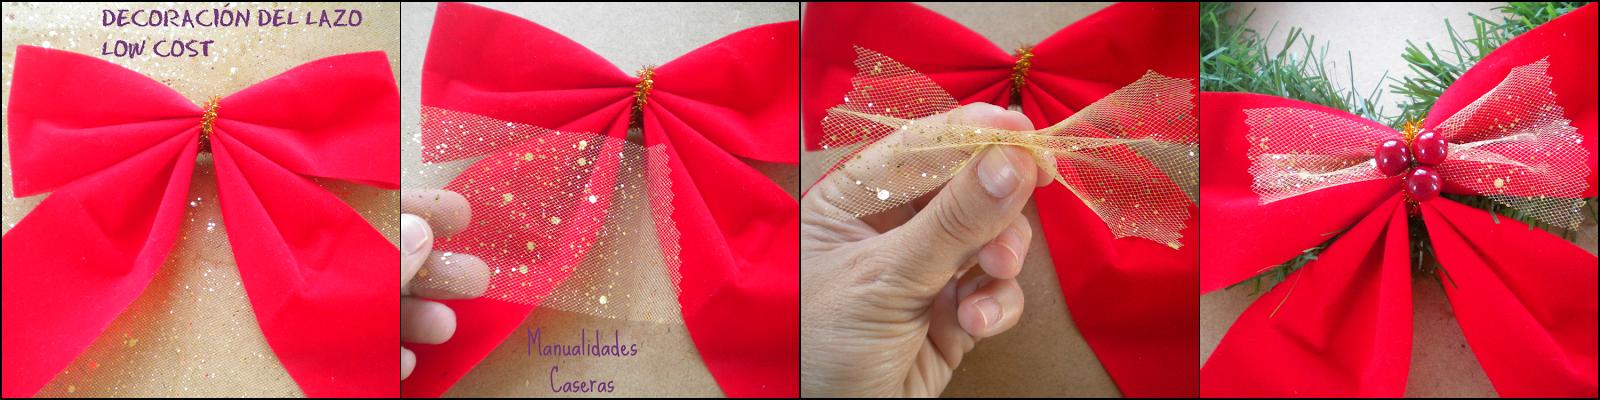 caseras faciles como decorar una lazo para una corona de navidad low cost con tela